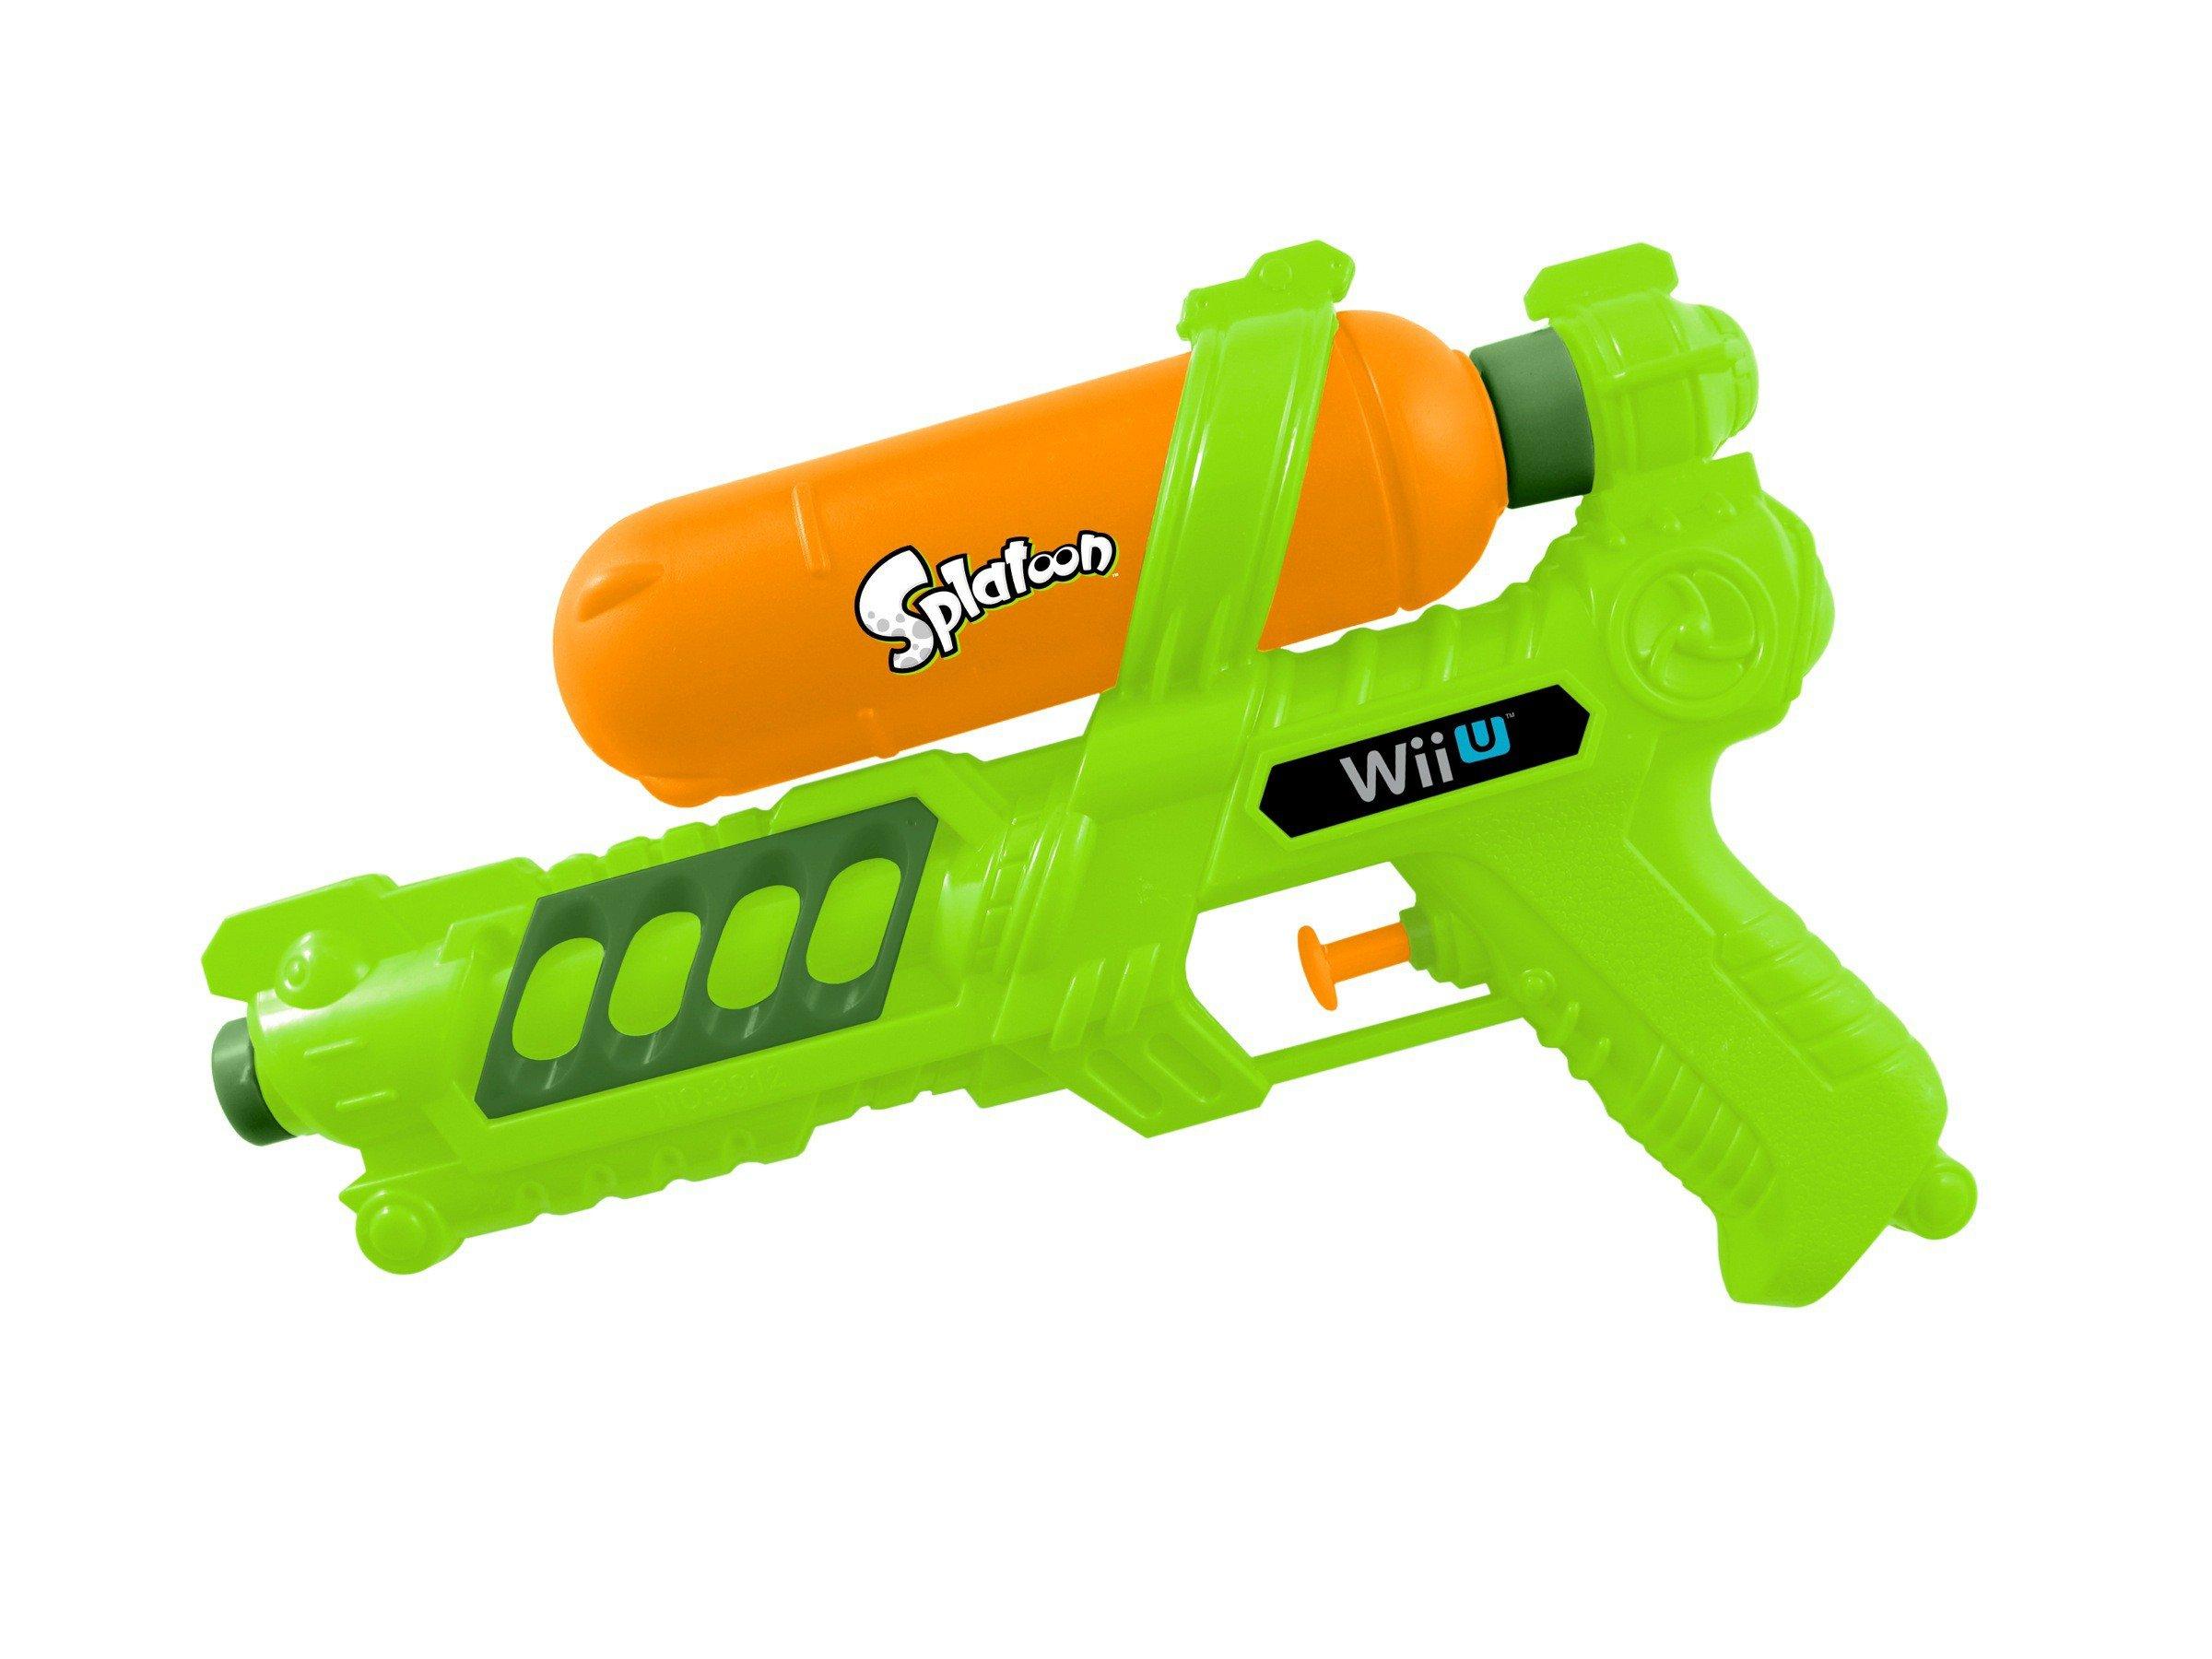 Buy Splatoon Water Gun Now!